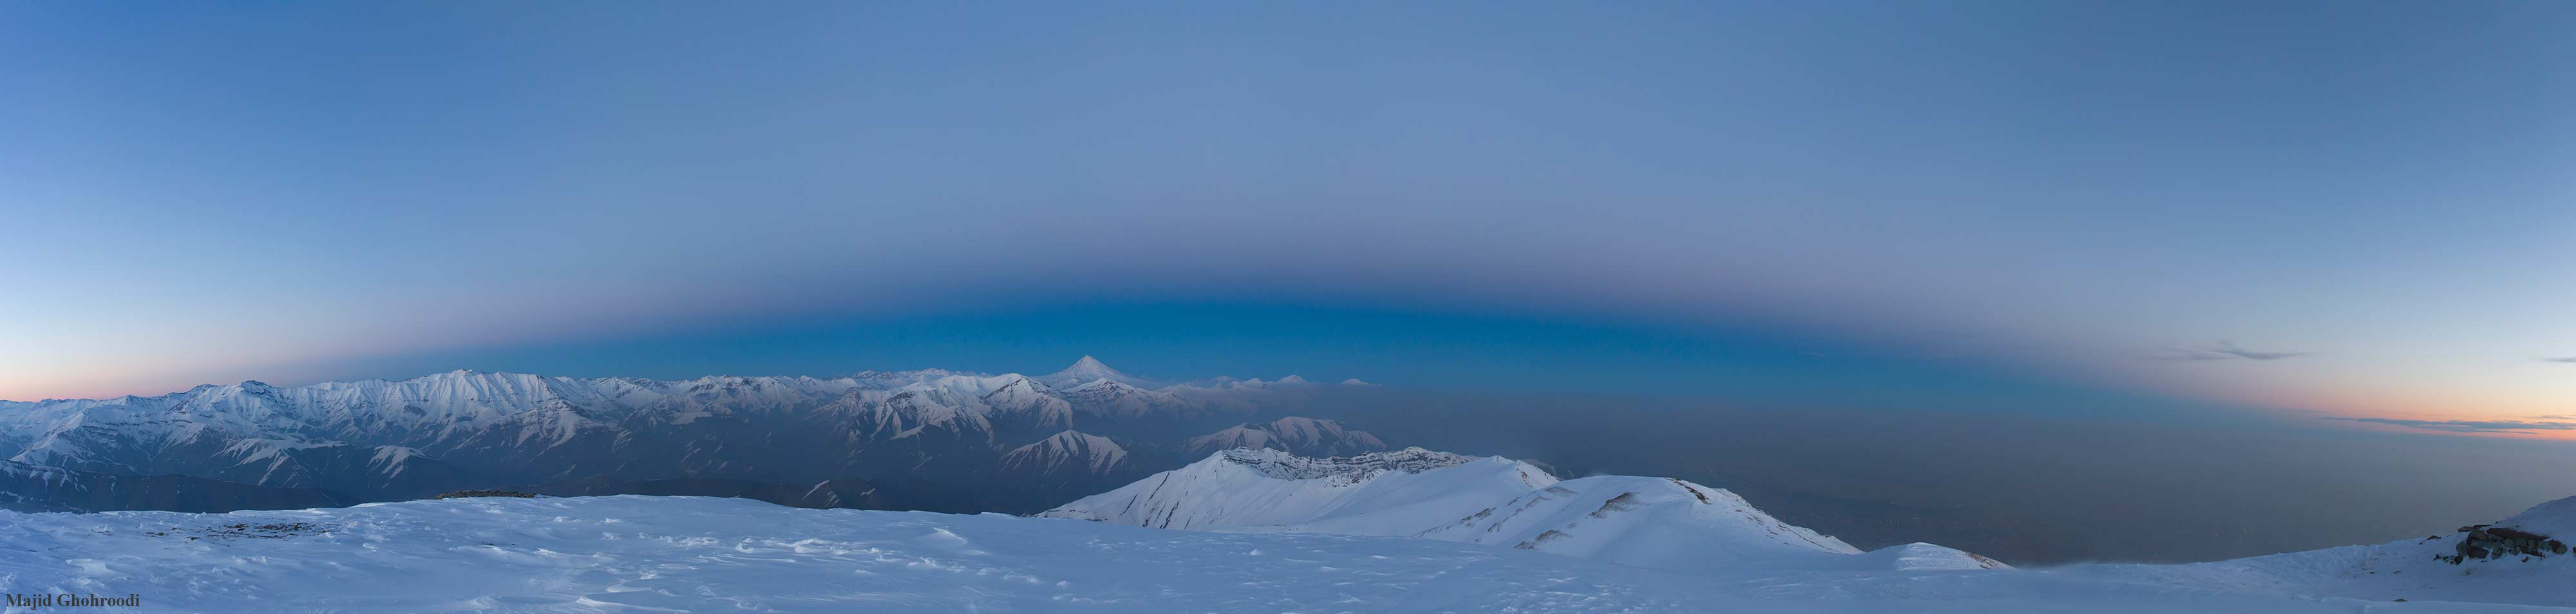 عکس پانارومای خارقالعاده ناسا از فراز توچال